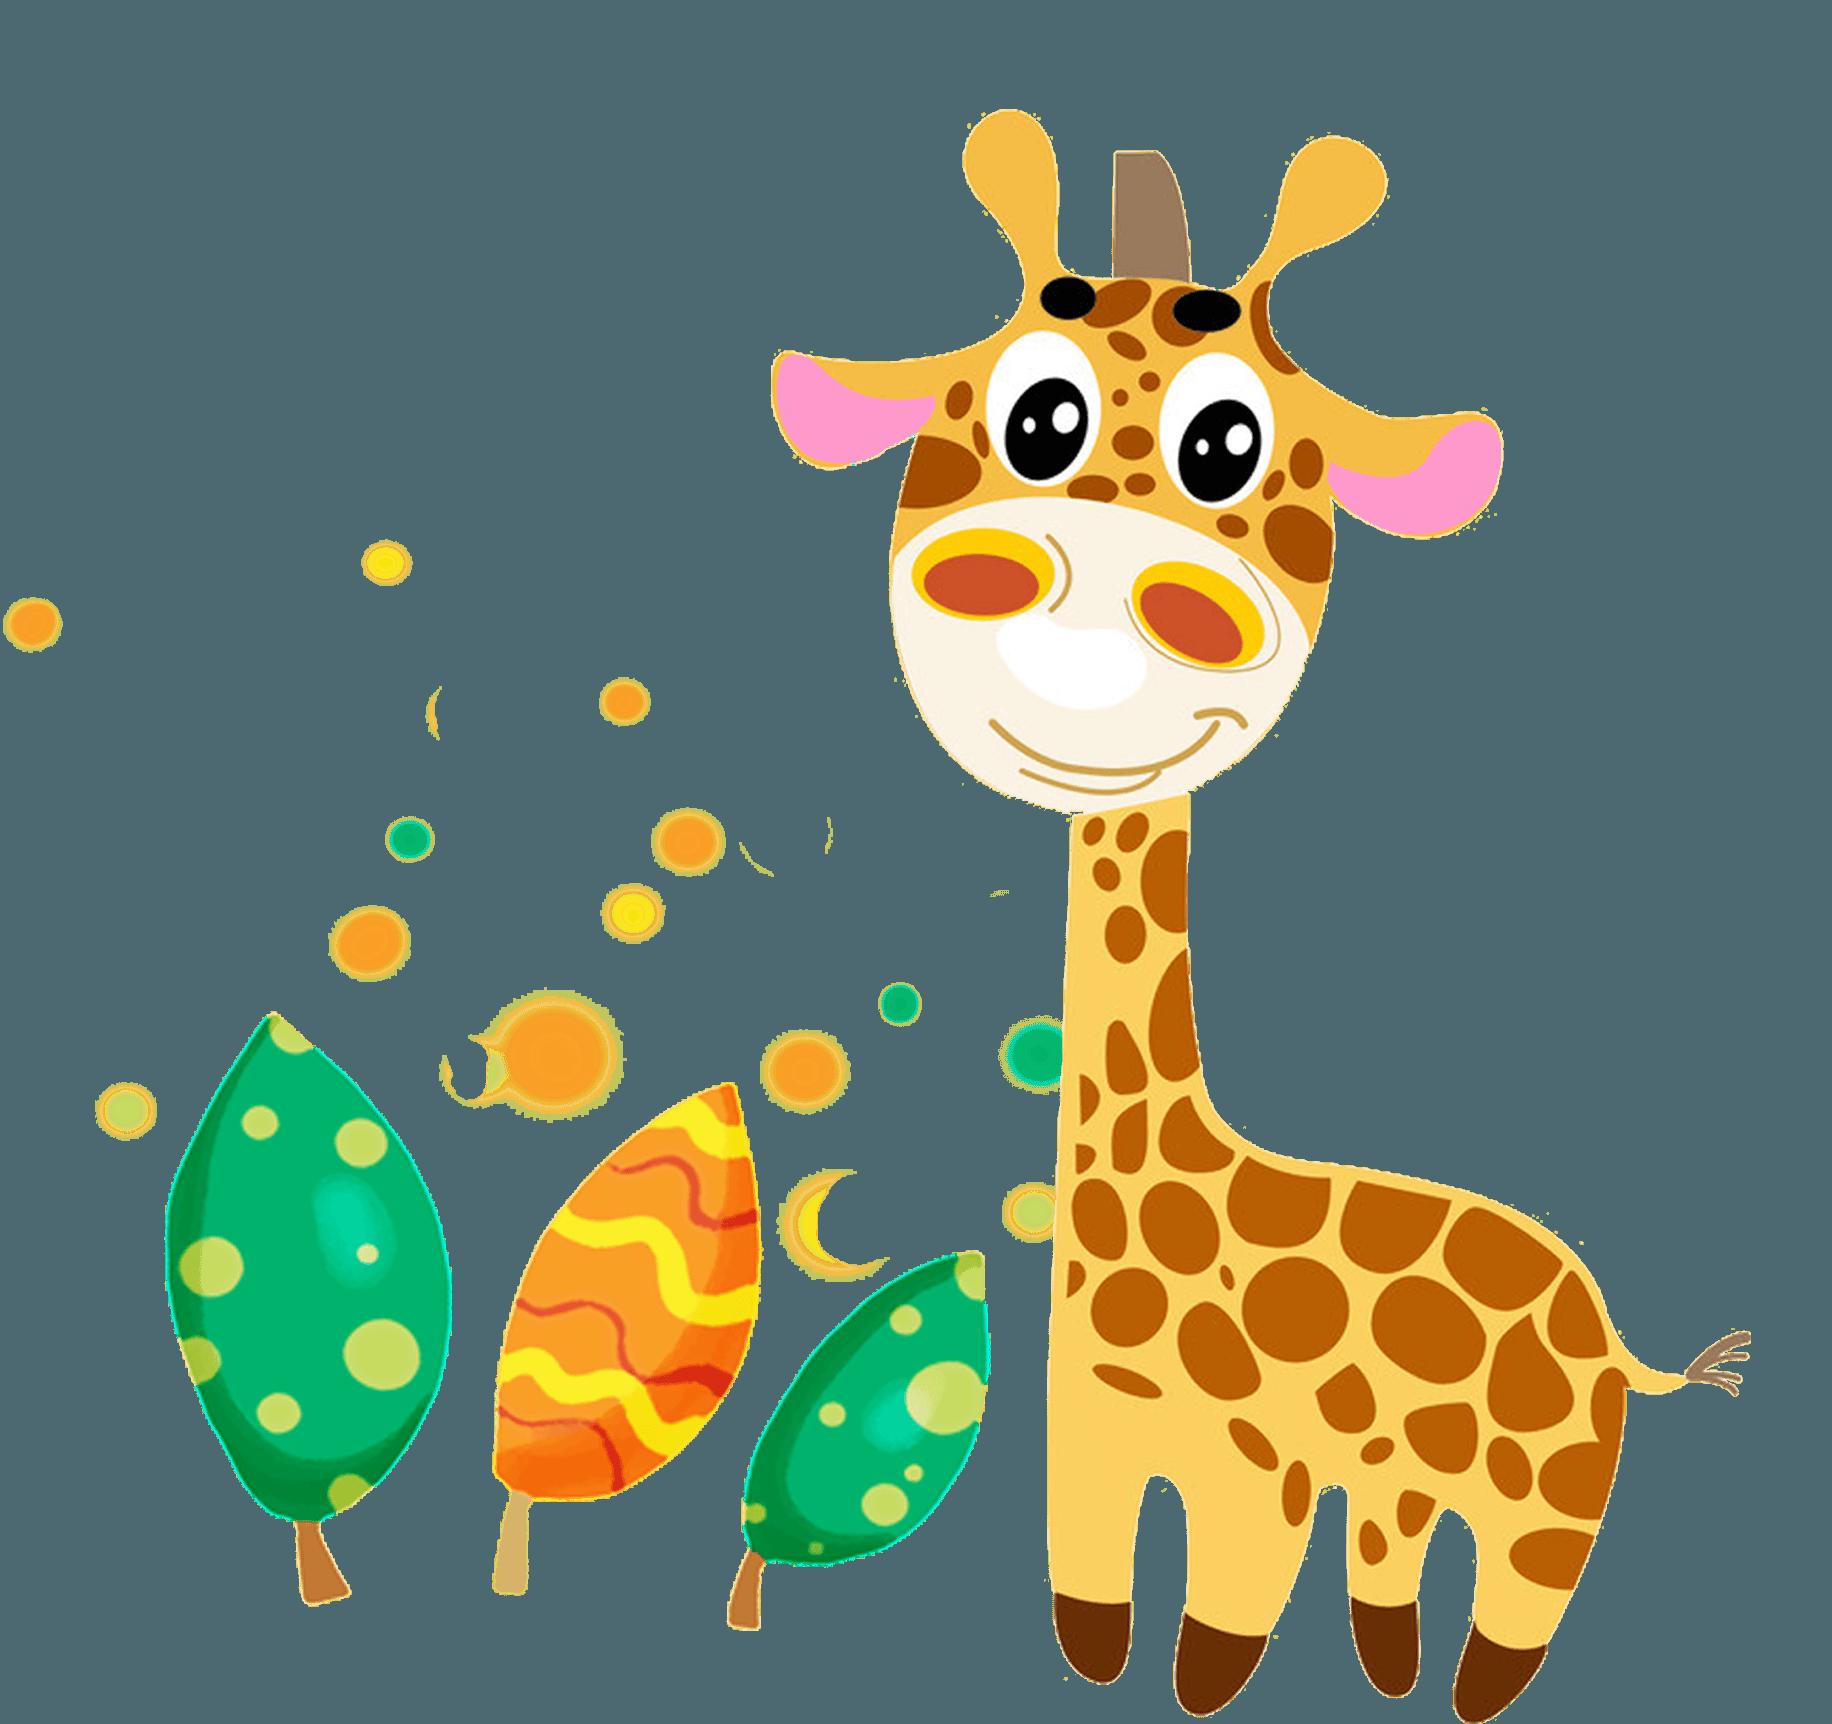 Gerald The Giraffe Wallpapers Wallpaper Cave